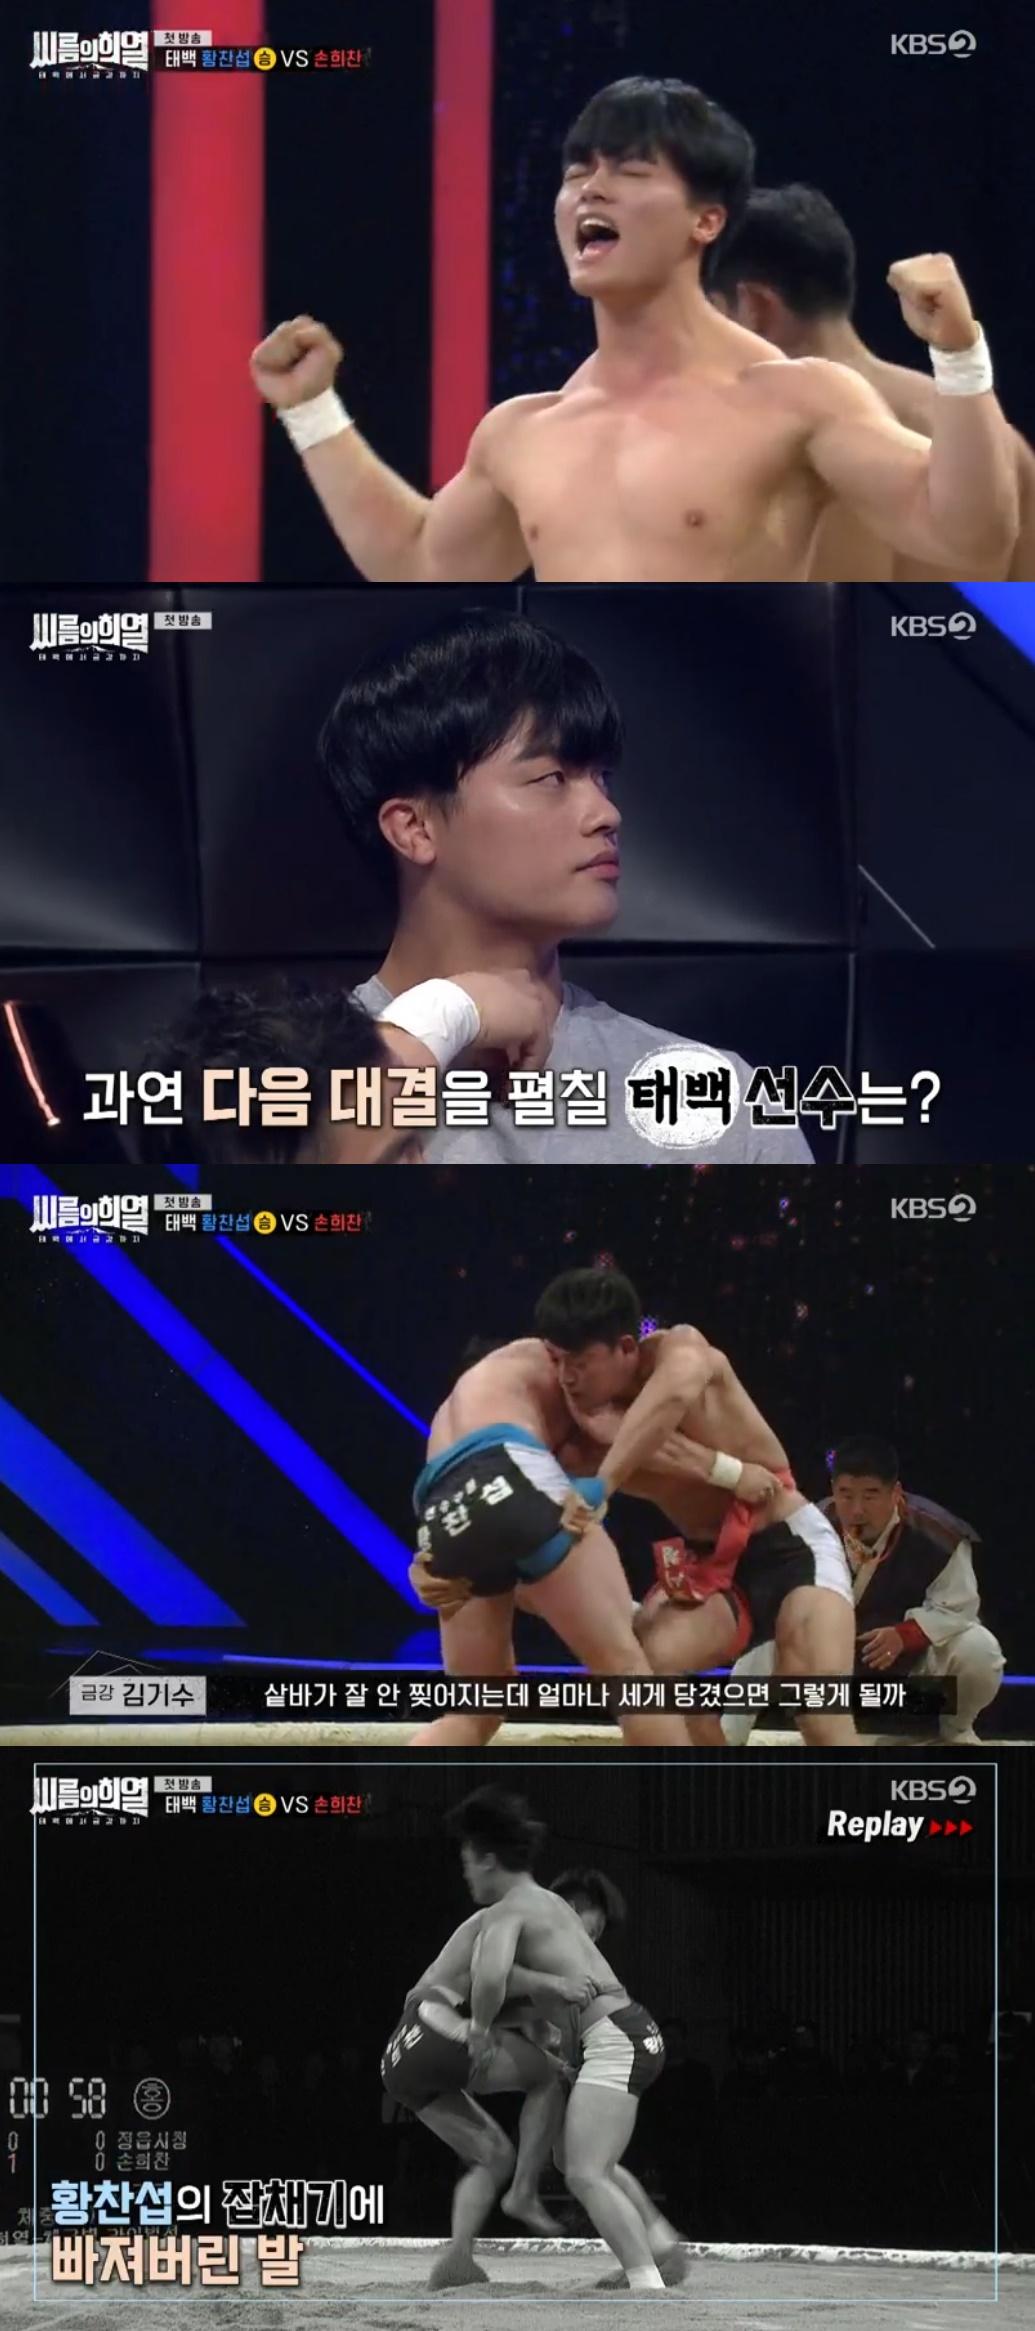 '씨름의희열' 황찬섭VS손희찬, 황찬섭 2:0으로 '슈퍼스타 경기력' 선보여